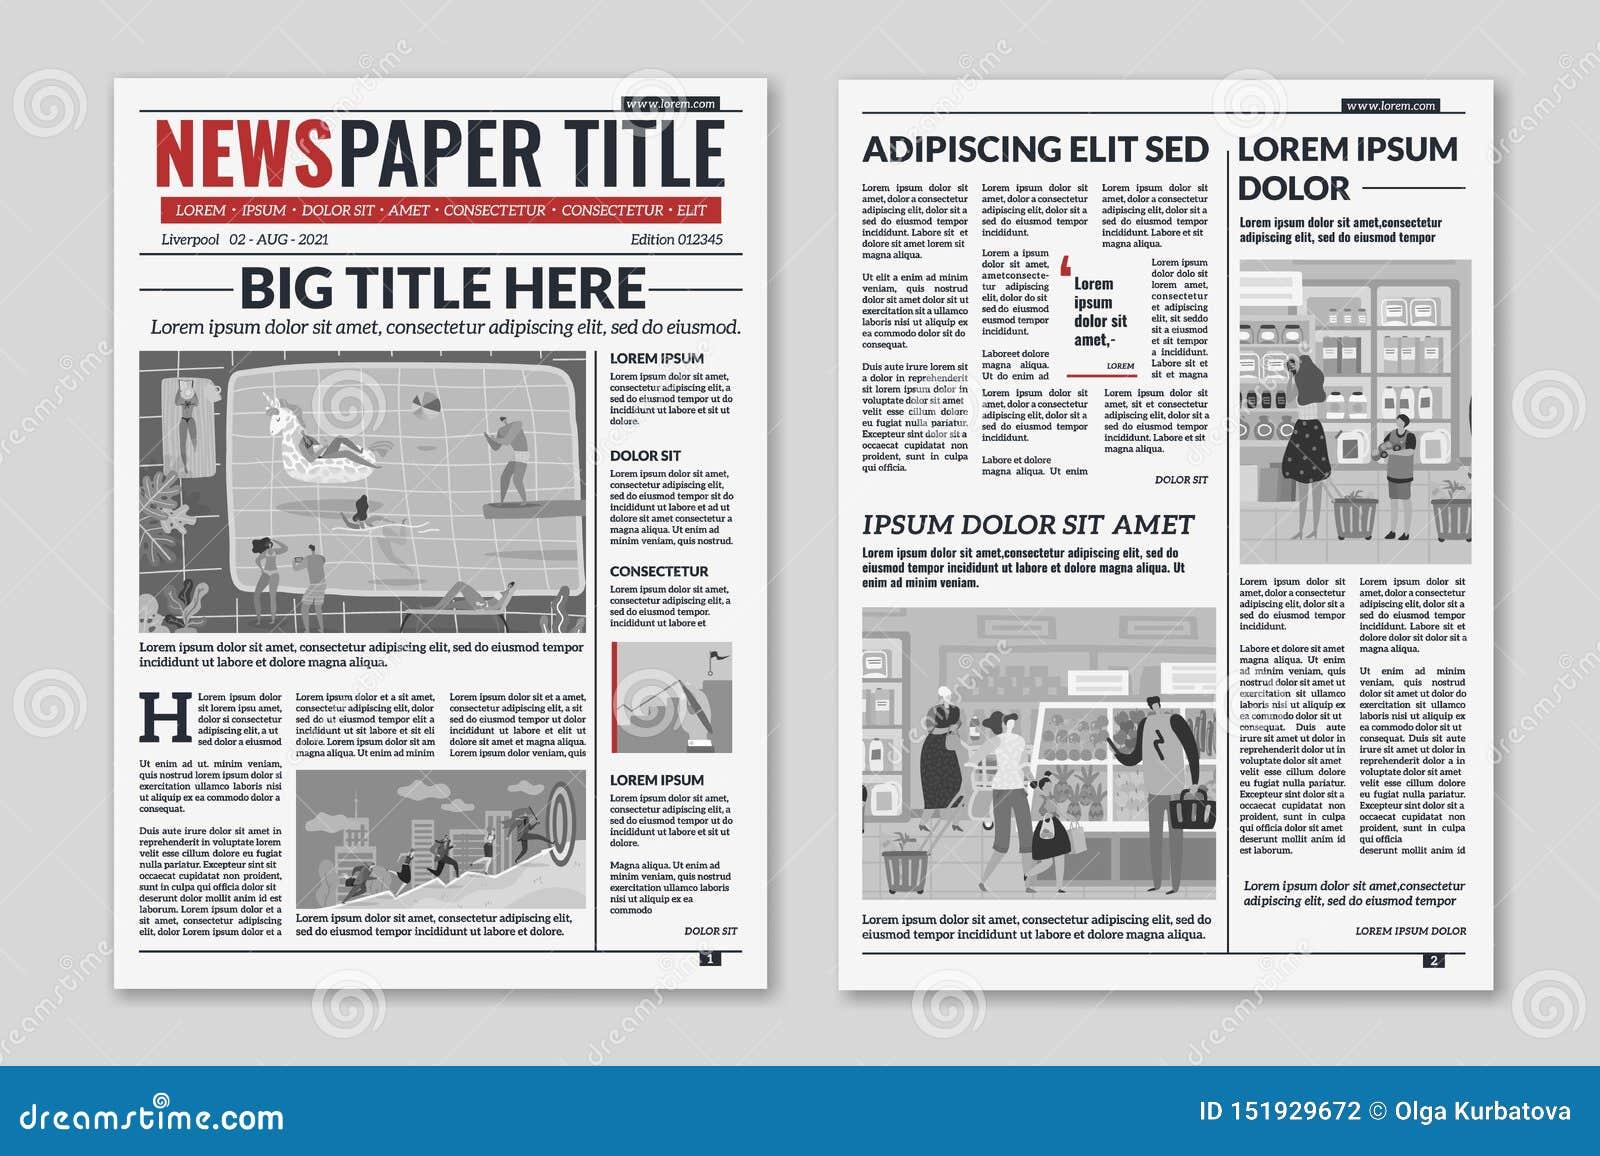 Newspaper Layout  News Column Articles Newsprint Magazine